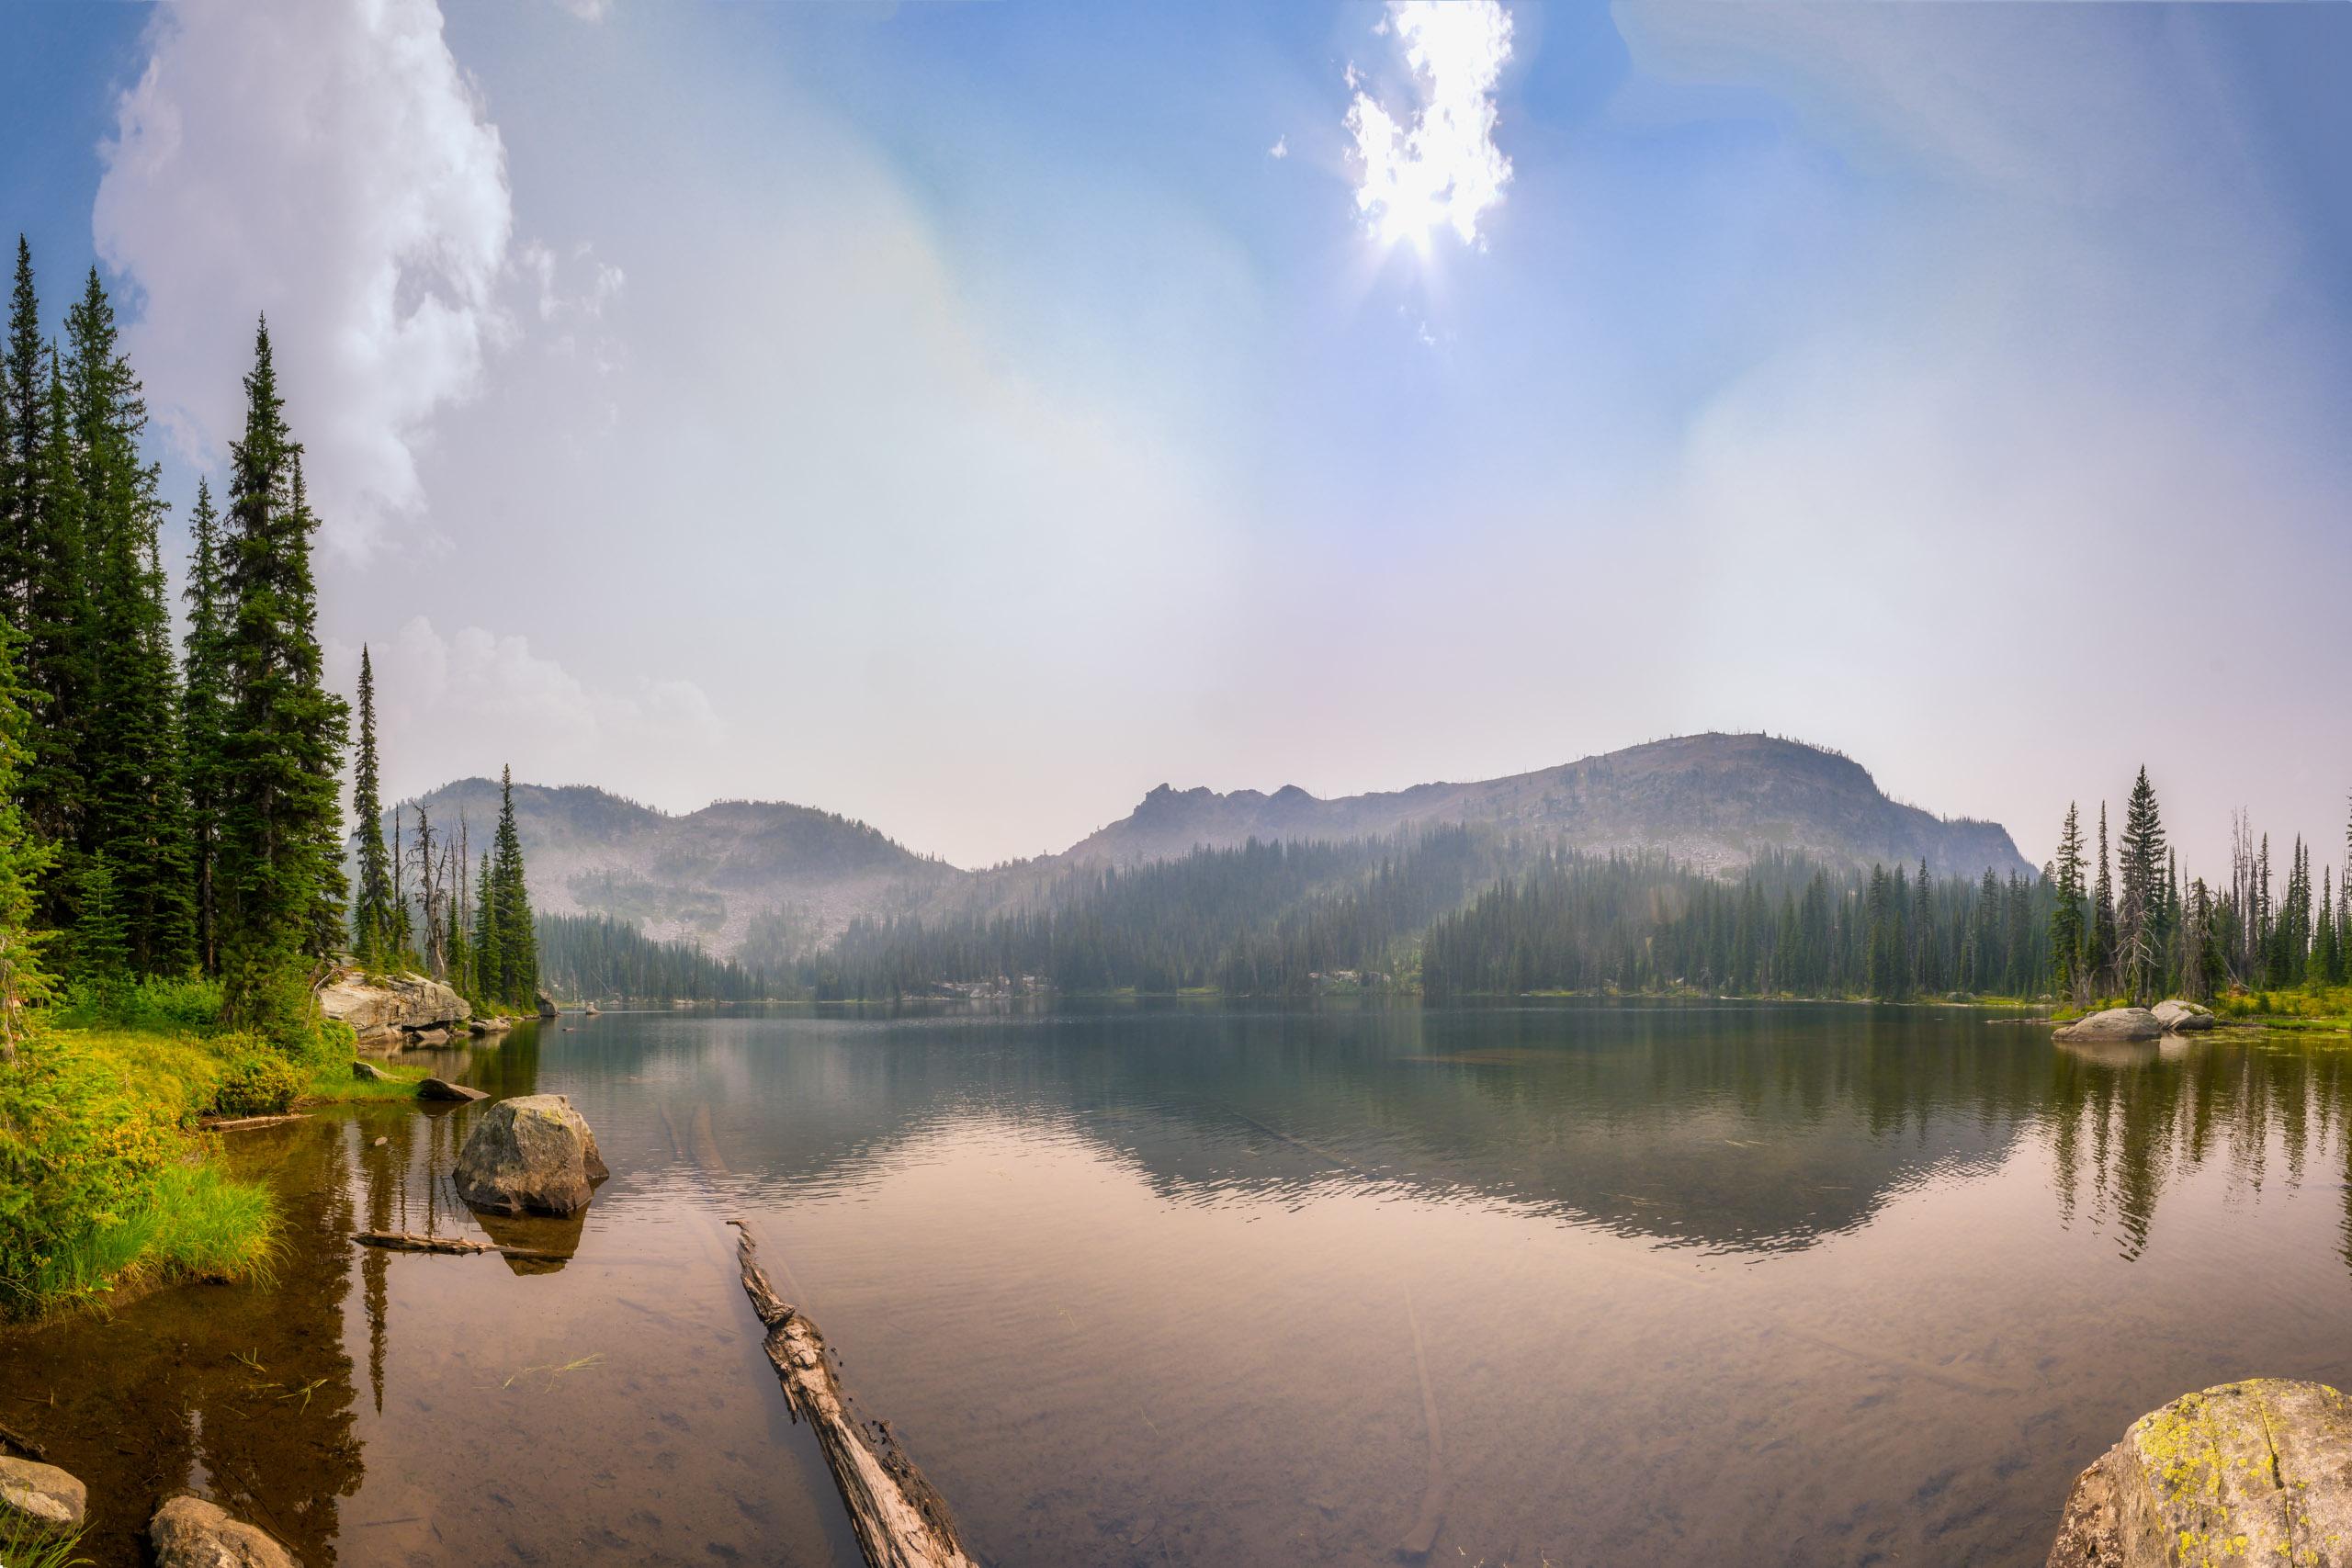 Coquina Lake under smoky skies